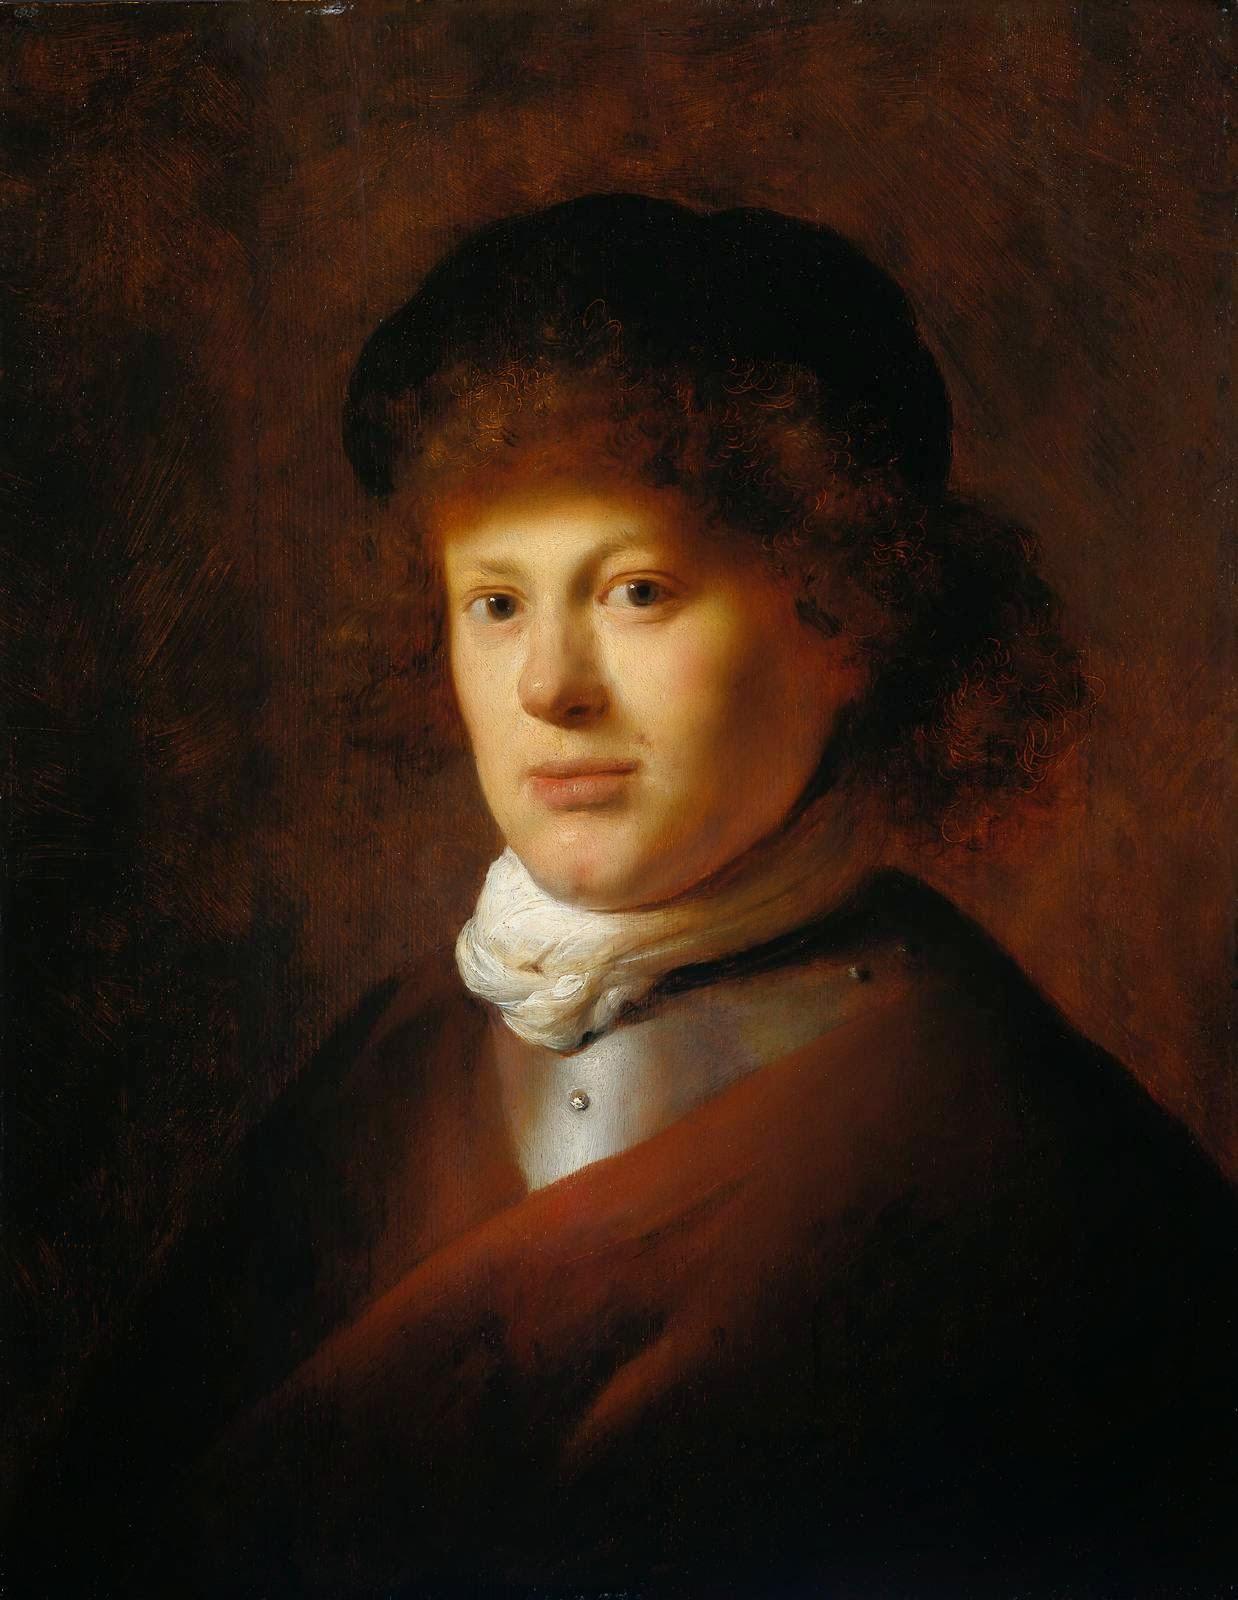 art artists rembrandt part 1 introduction rembrandt part 1 introduction